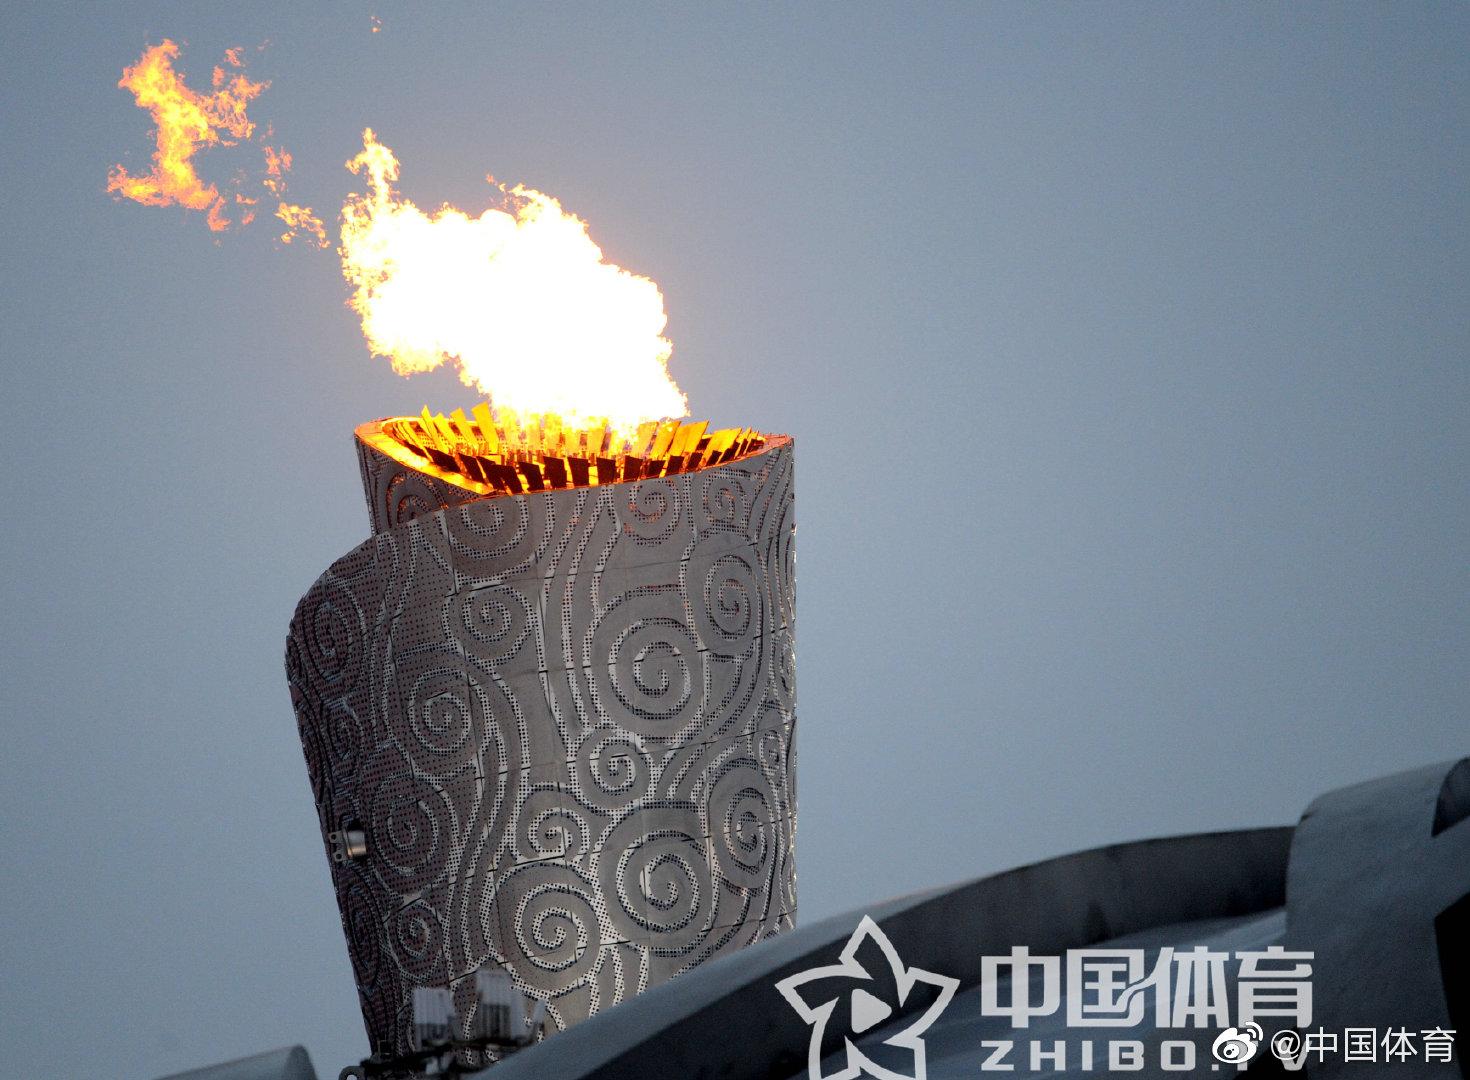 11年前的今天,北京奥运会圣火在北京国家体育场的主火炬塔缓缓熄灭